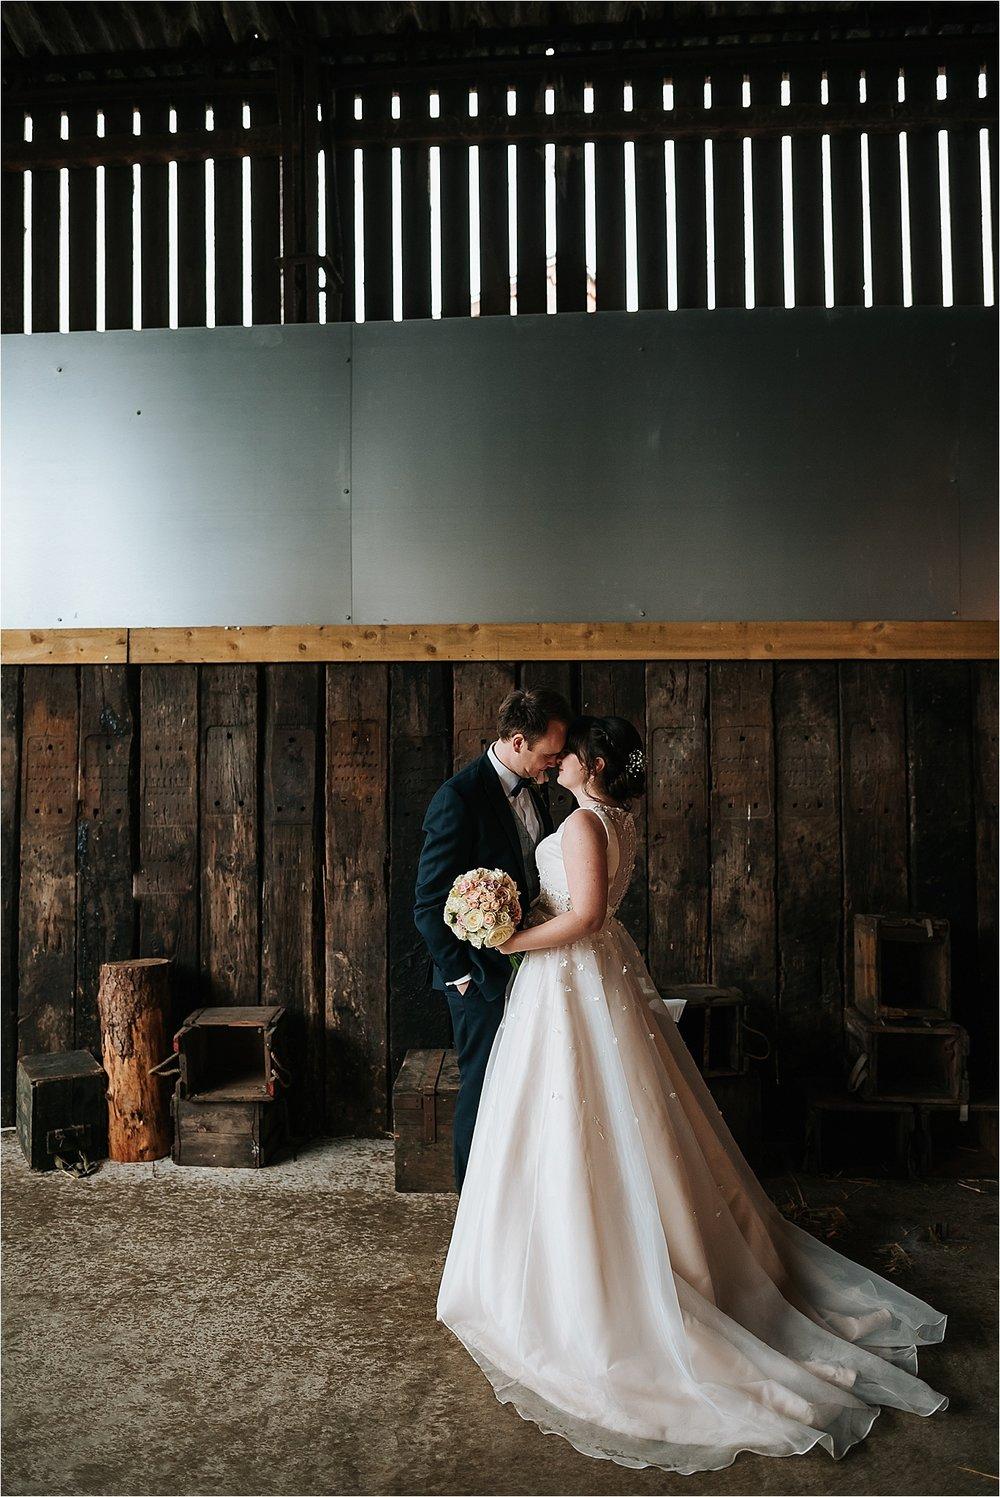 wedding portraits at owen house wedding barn